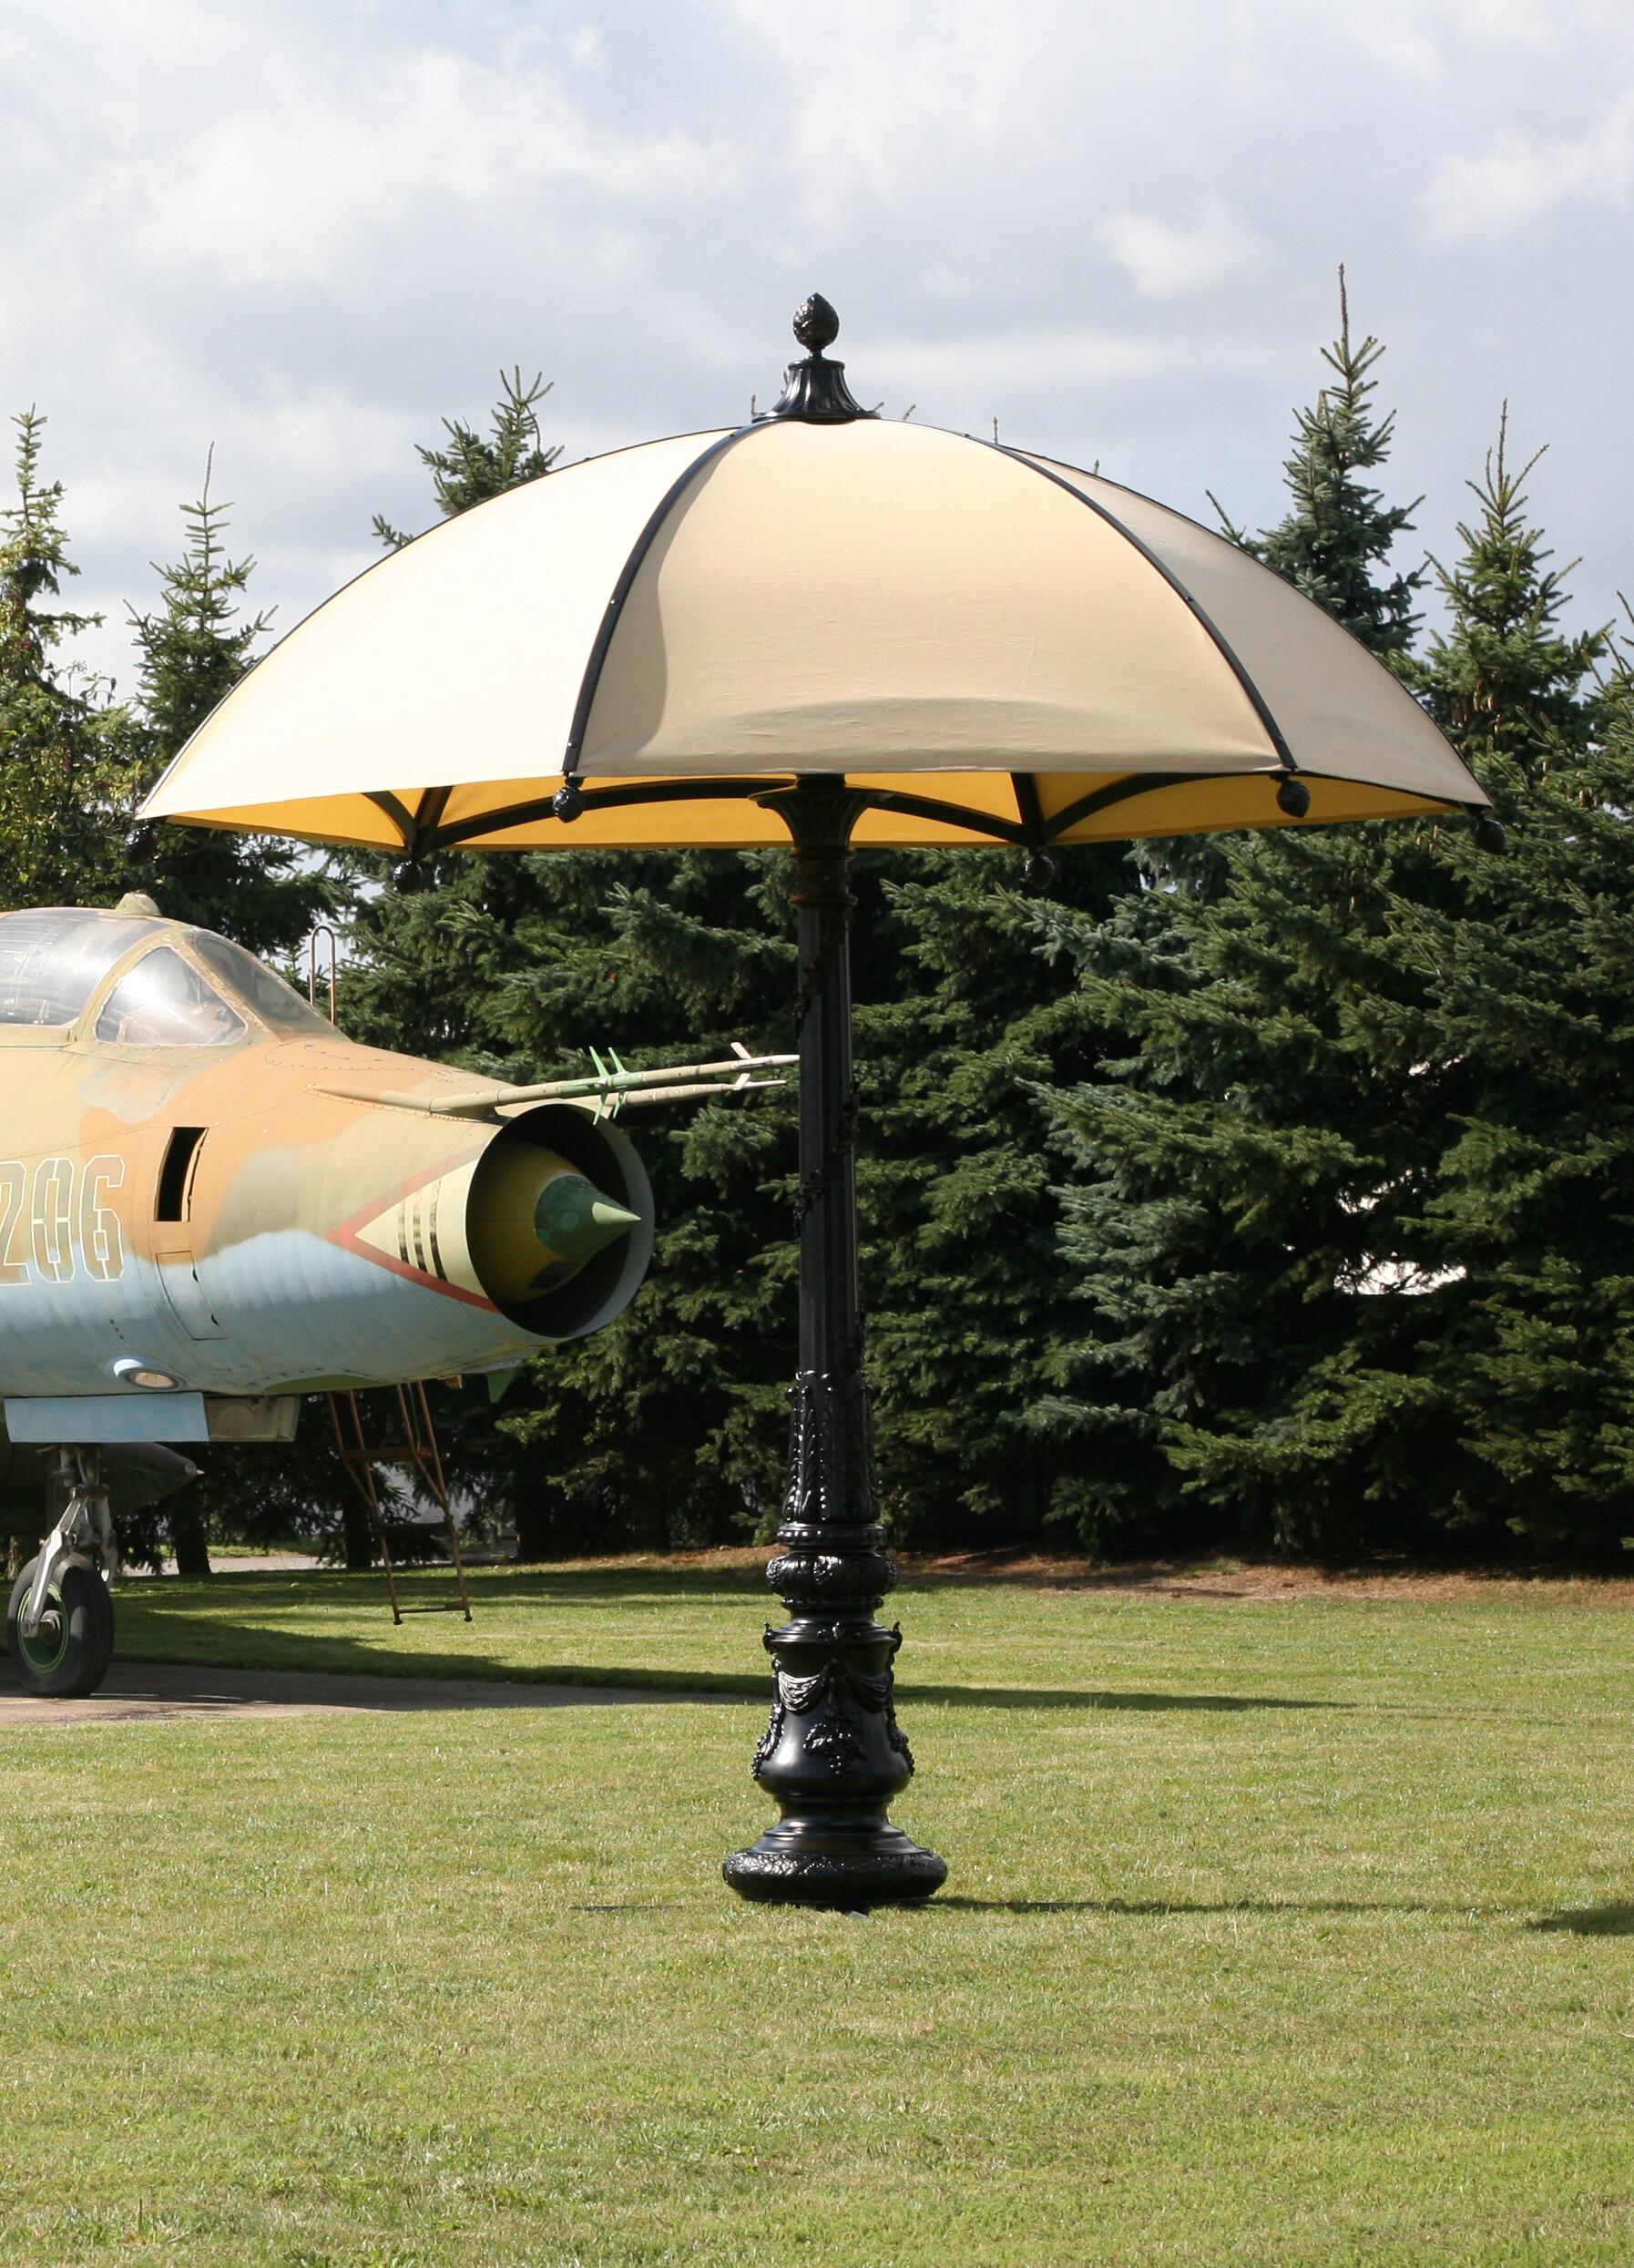 ekskluzywny parasol ogrodowy